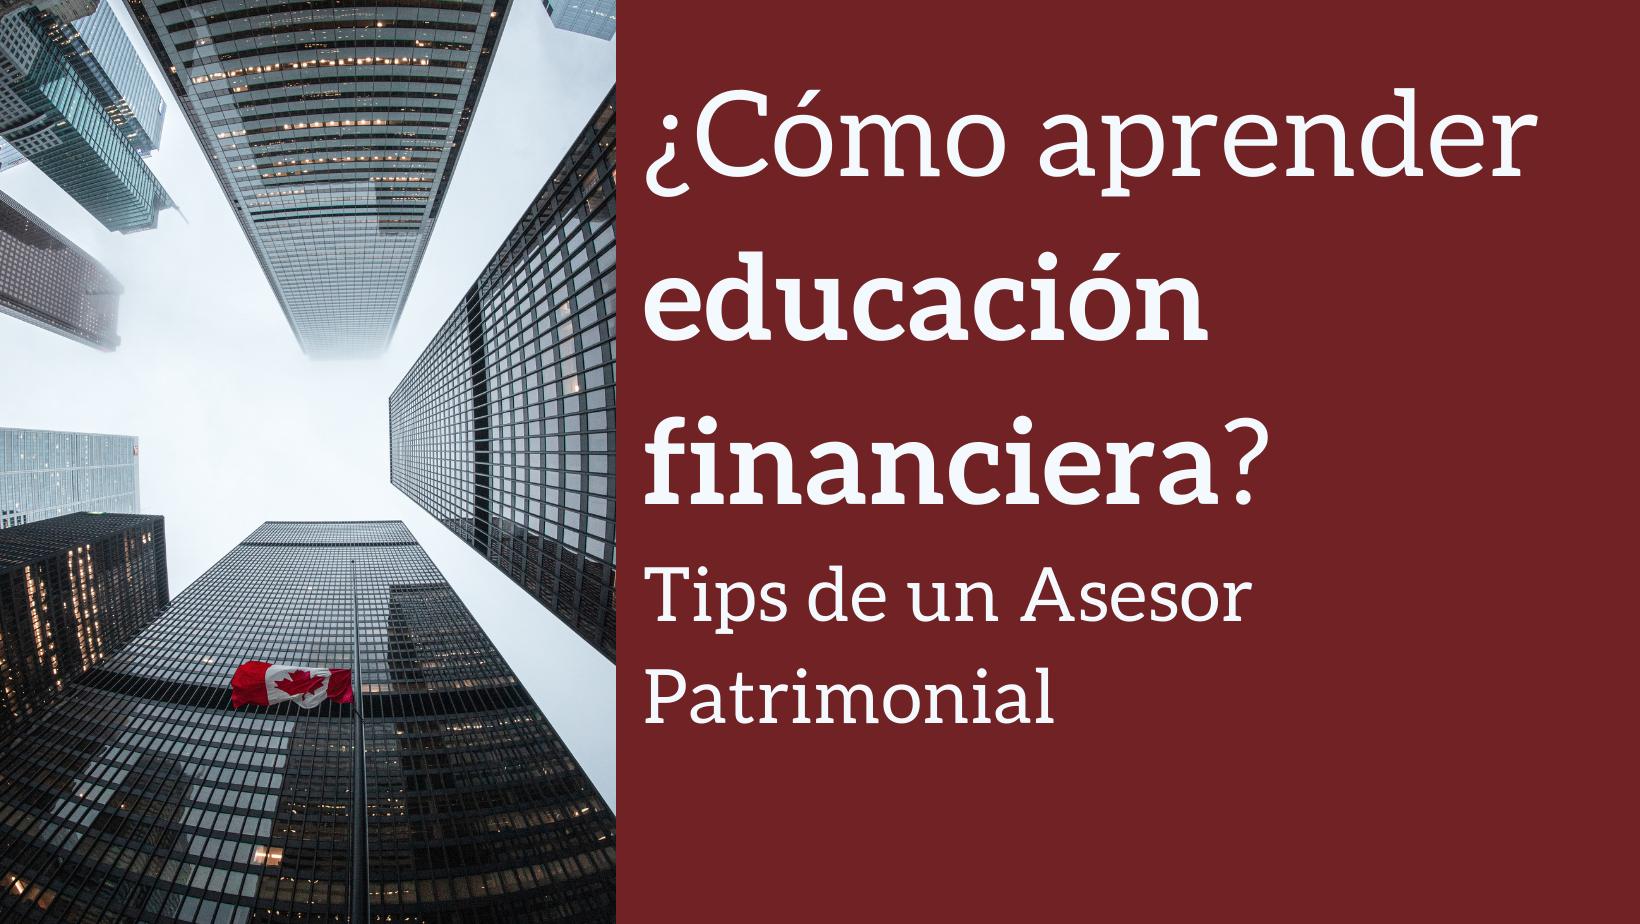 ab2ef-aprender-educacion-financiera-asesor-patrimonial-bweb-2.png